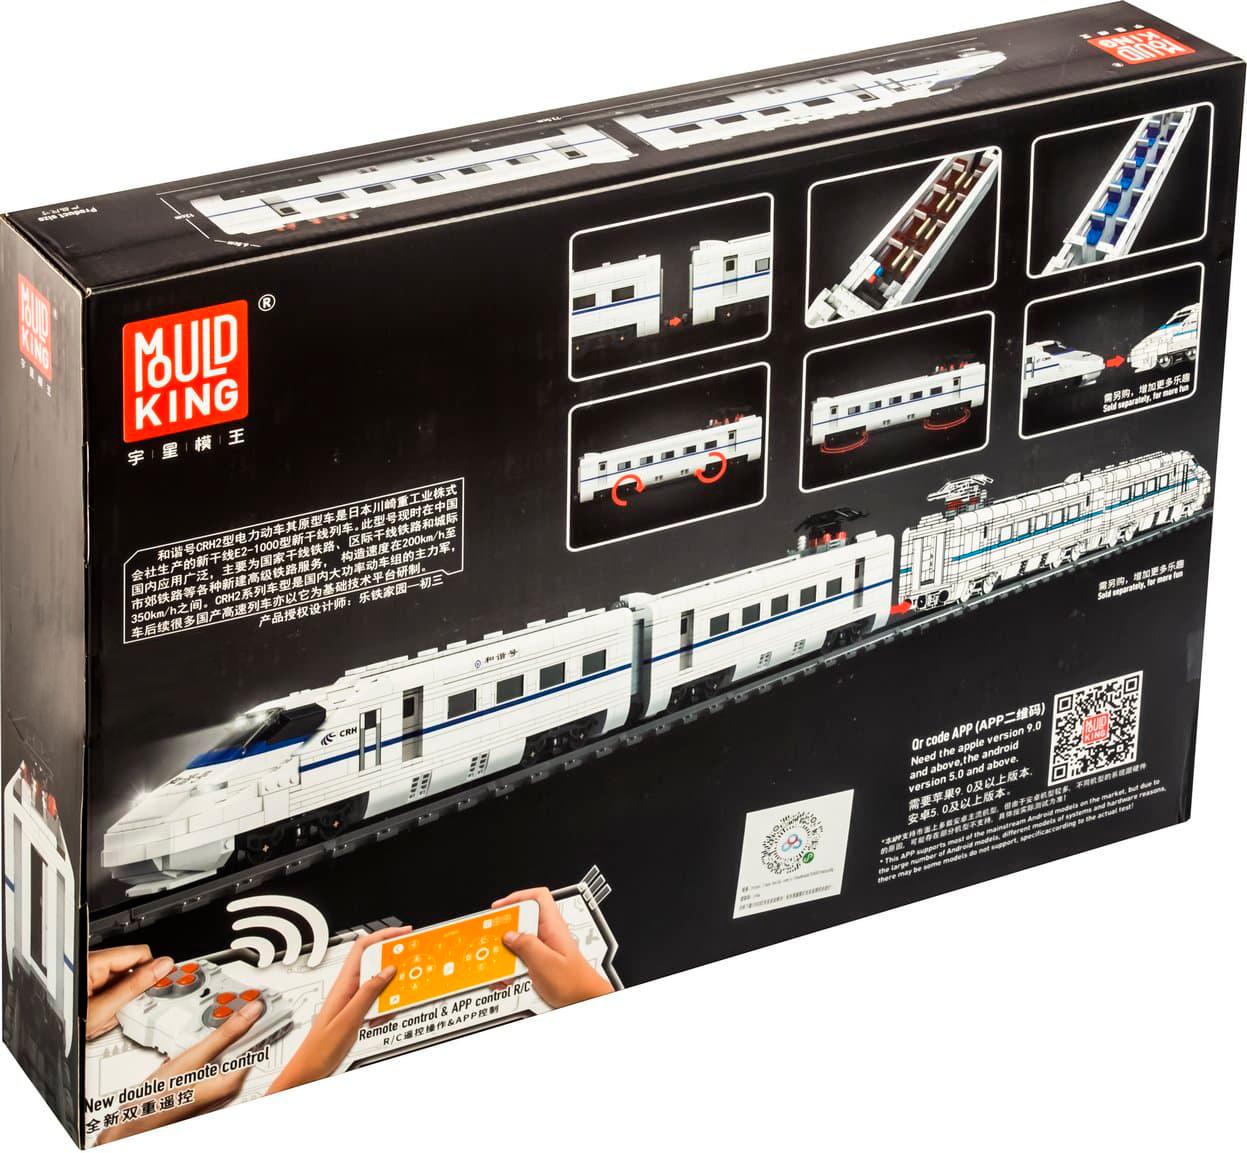 Конструктор Mould King «Высокоскоростной поезд CRH2A» на радиоуправлении 12002 1808 деталей